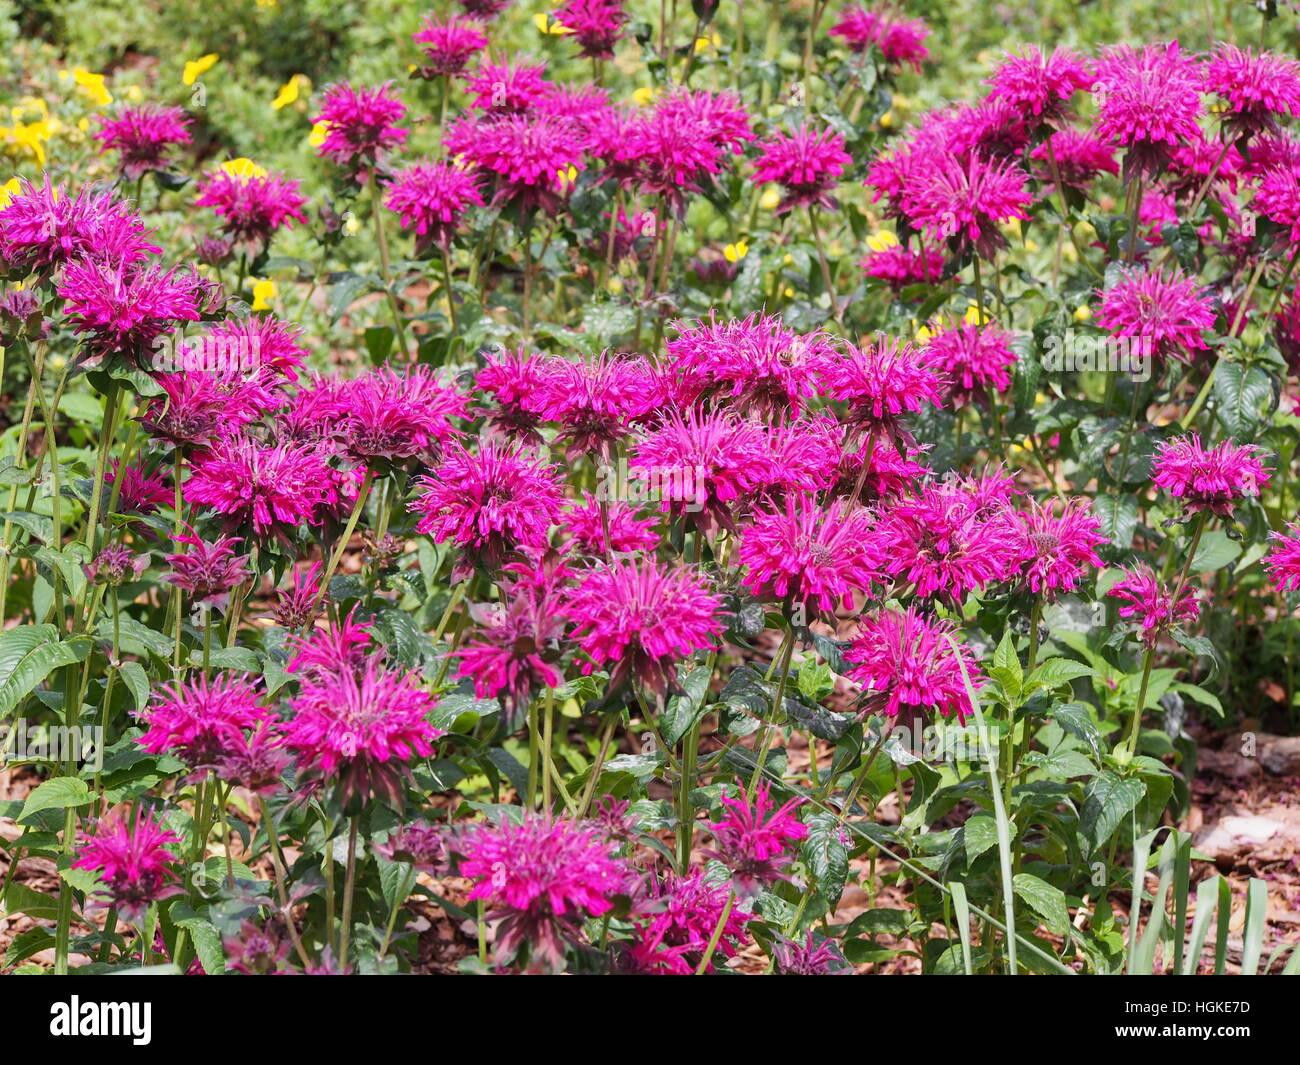 Monarda (bee balm, horsemint, oswego tea, bergamot) in full bloom - Stock Image